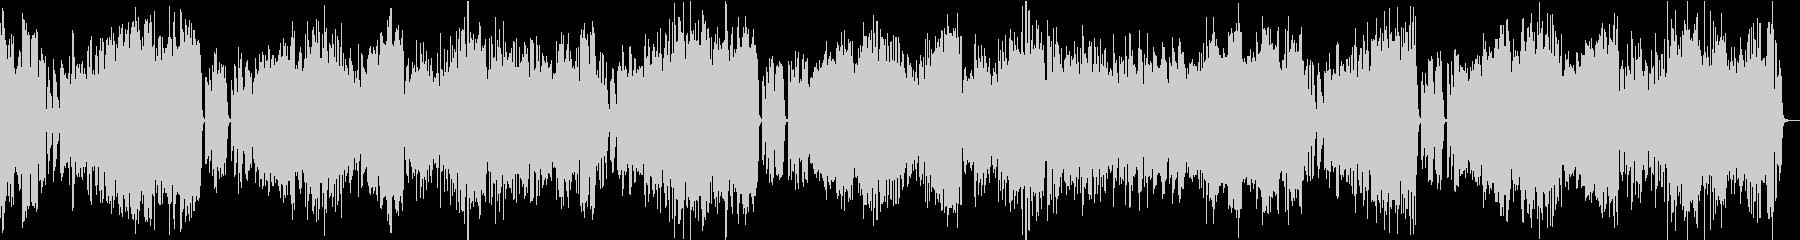 ベートーベン/バイオリンソナタ8–1の未再生の波形